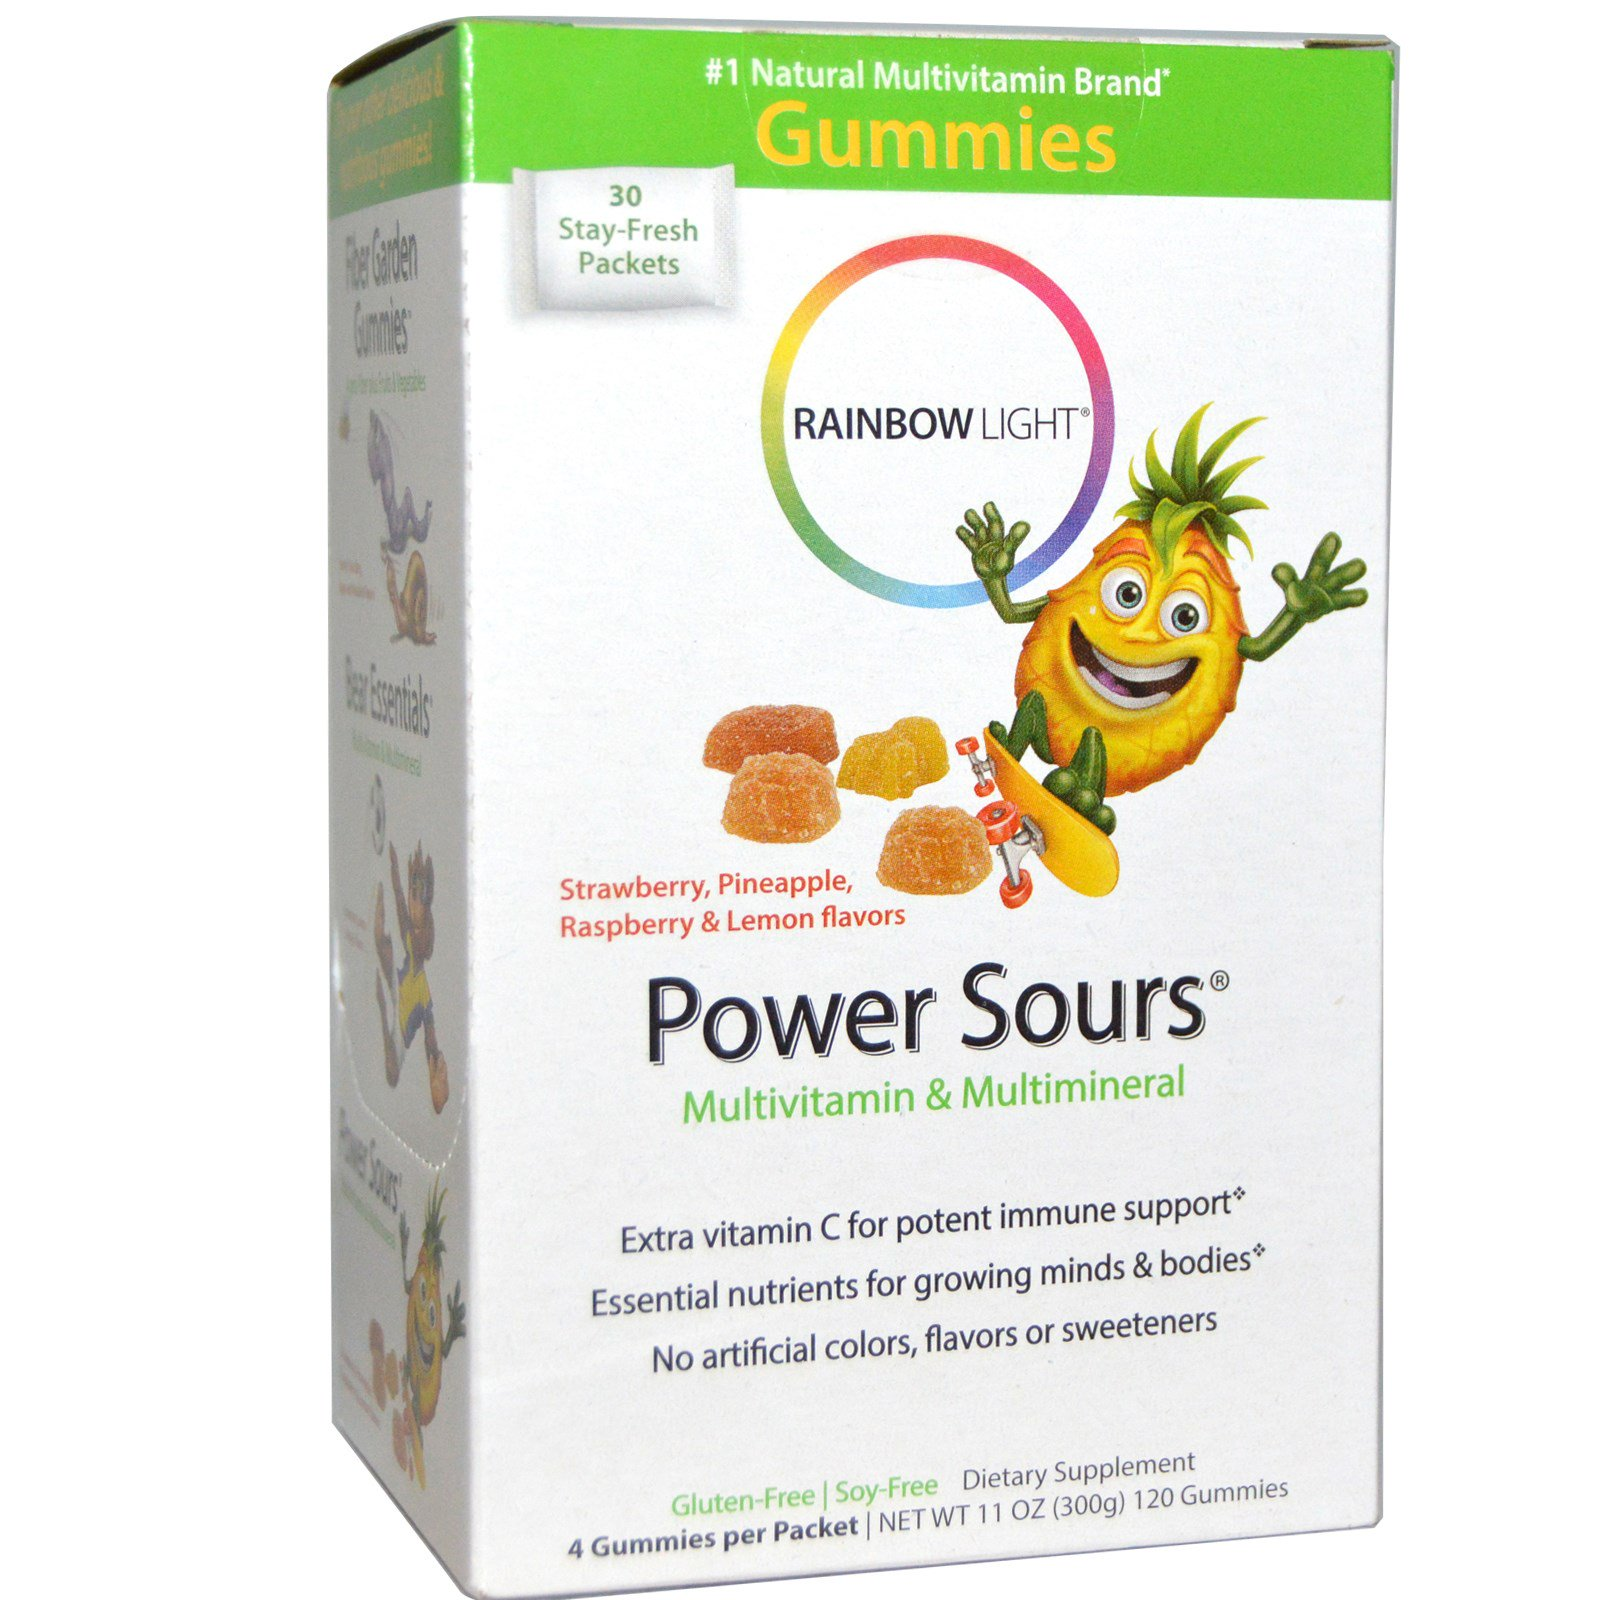 Rainbow Light, Gummy Power Sours, мультивитамины и мультиминералы,  терпкие фруктовые вкусы, 30 пакетиков, 12.7 унций (360 г)